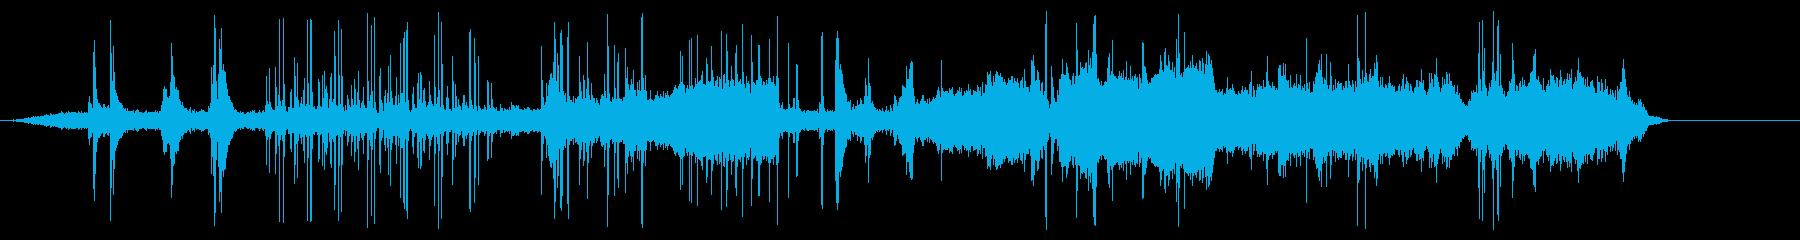 アタビコスとバグパイプを叫ぶの再生済みの波形